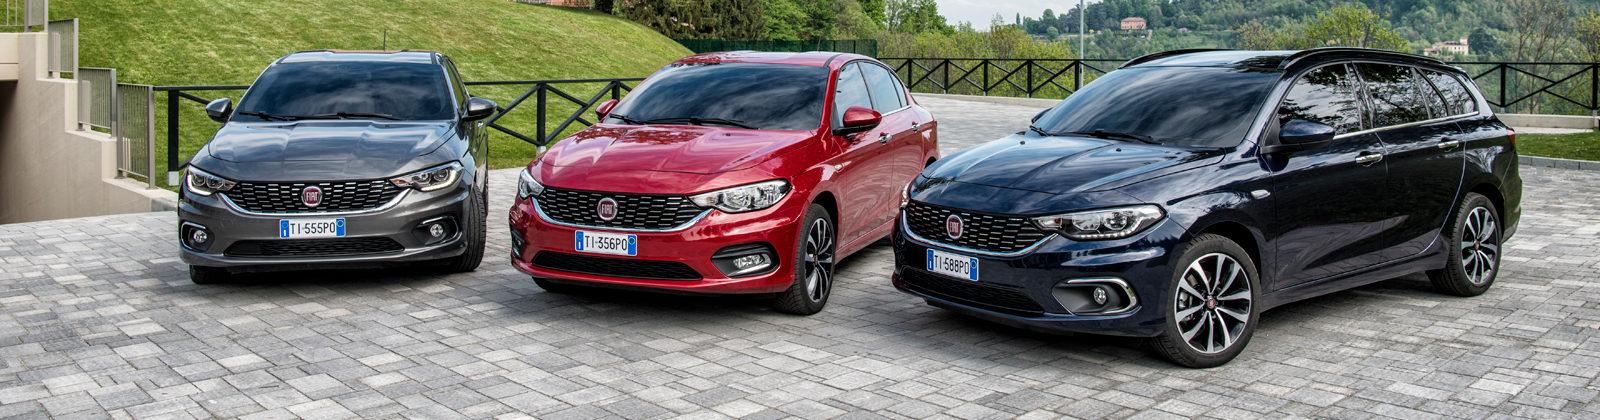 De nieuwe Fiat Tipo-familie is compleet